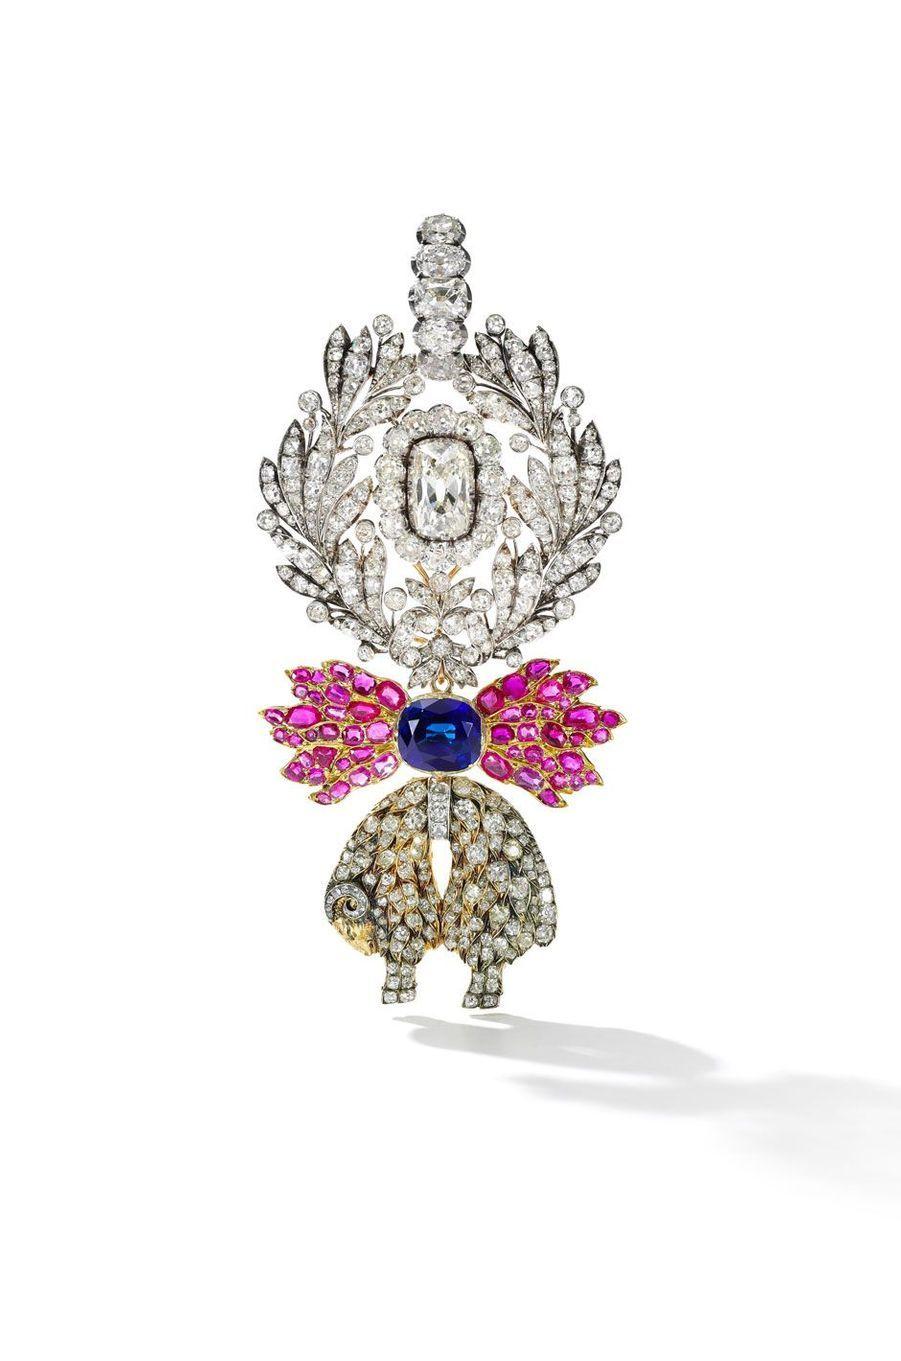 Les trésors des rois de France et de leurs héritiers : décoration de l'Ordre de la Toison d'Or en diamant, saphir et rubis